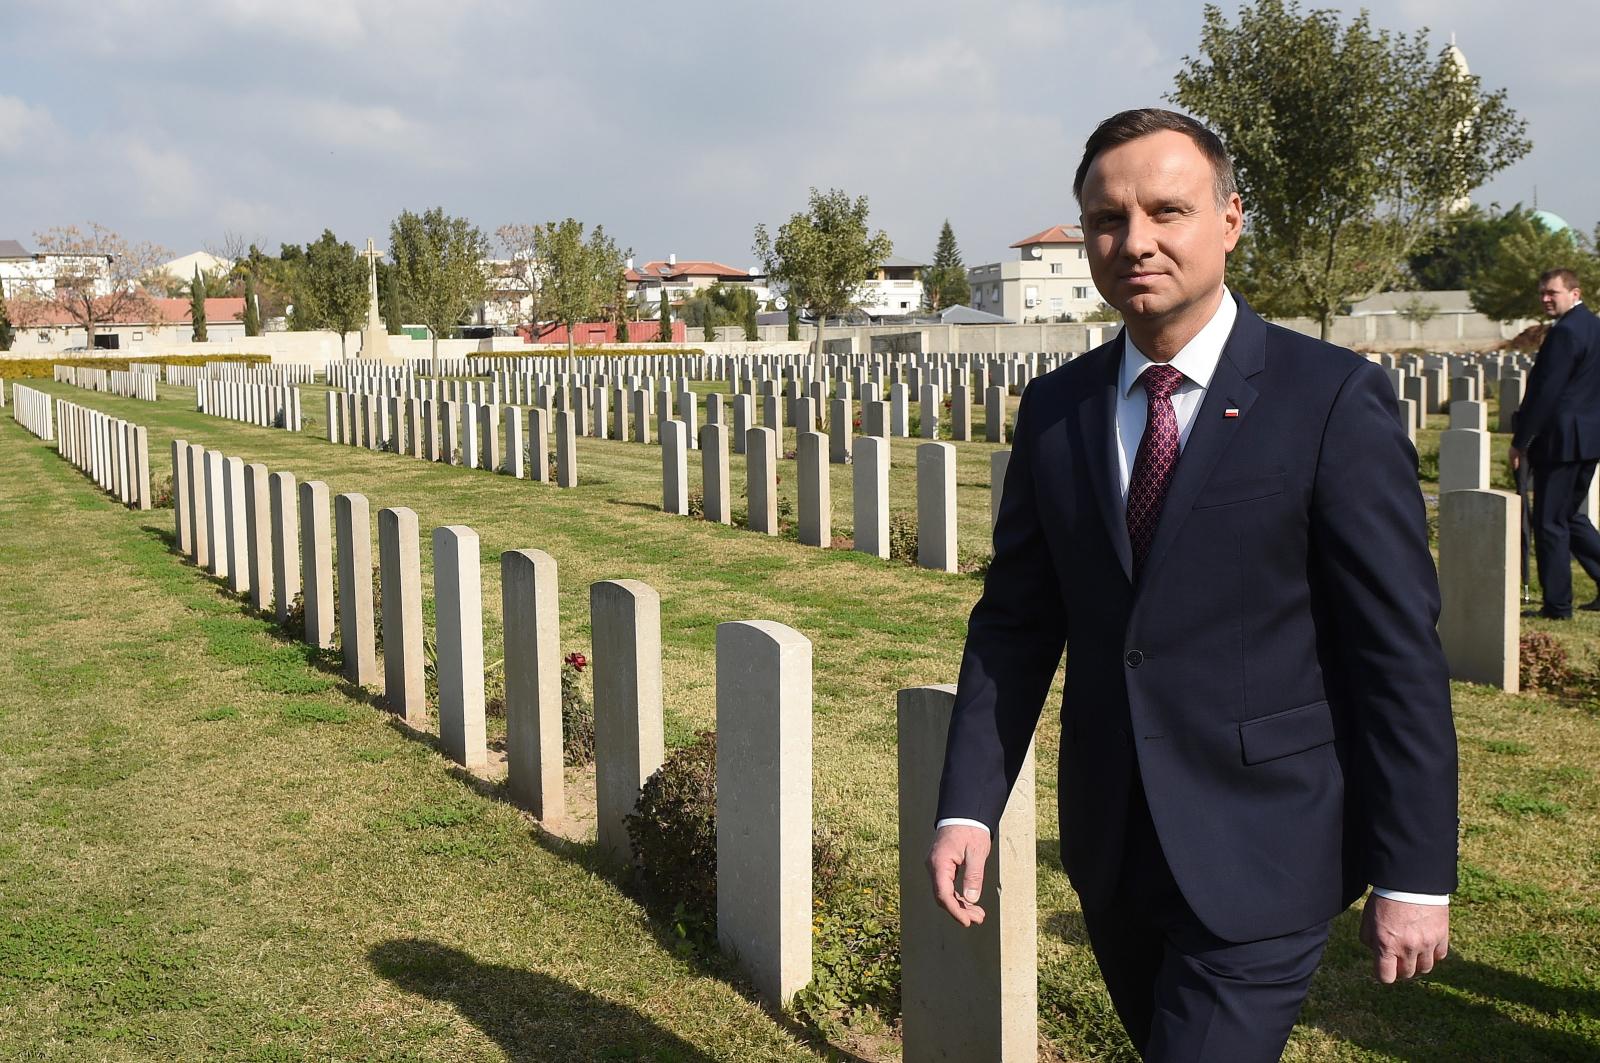 Prezydent RP Andrzej Duda na brytyjskim cmentarzu wojennym w Ramli, gdzie znajduje się 272 polskich grobów żołnierskich z lat 1940-47. Fot. PAP/Radek Pietruszka